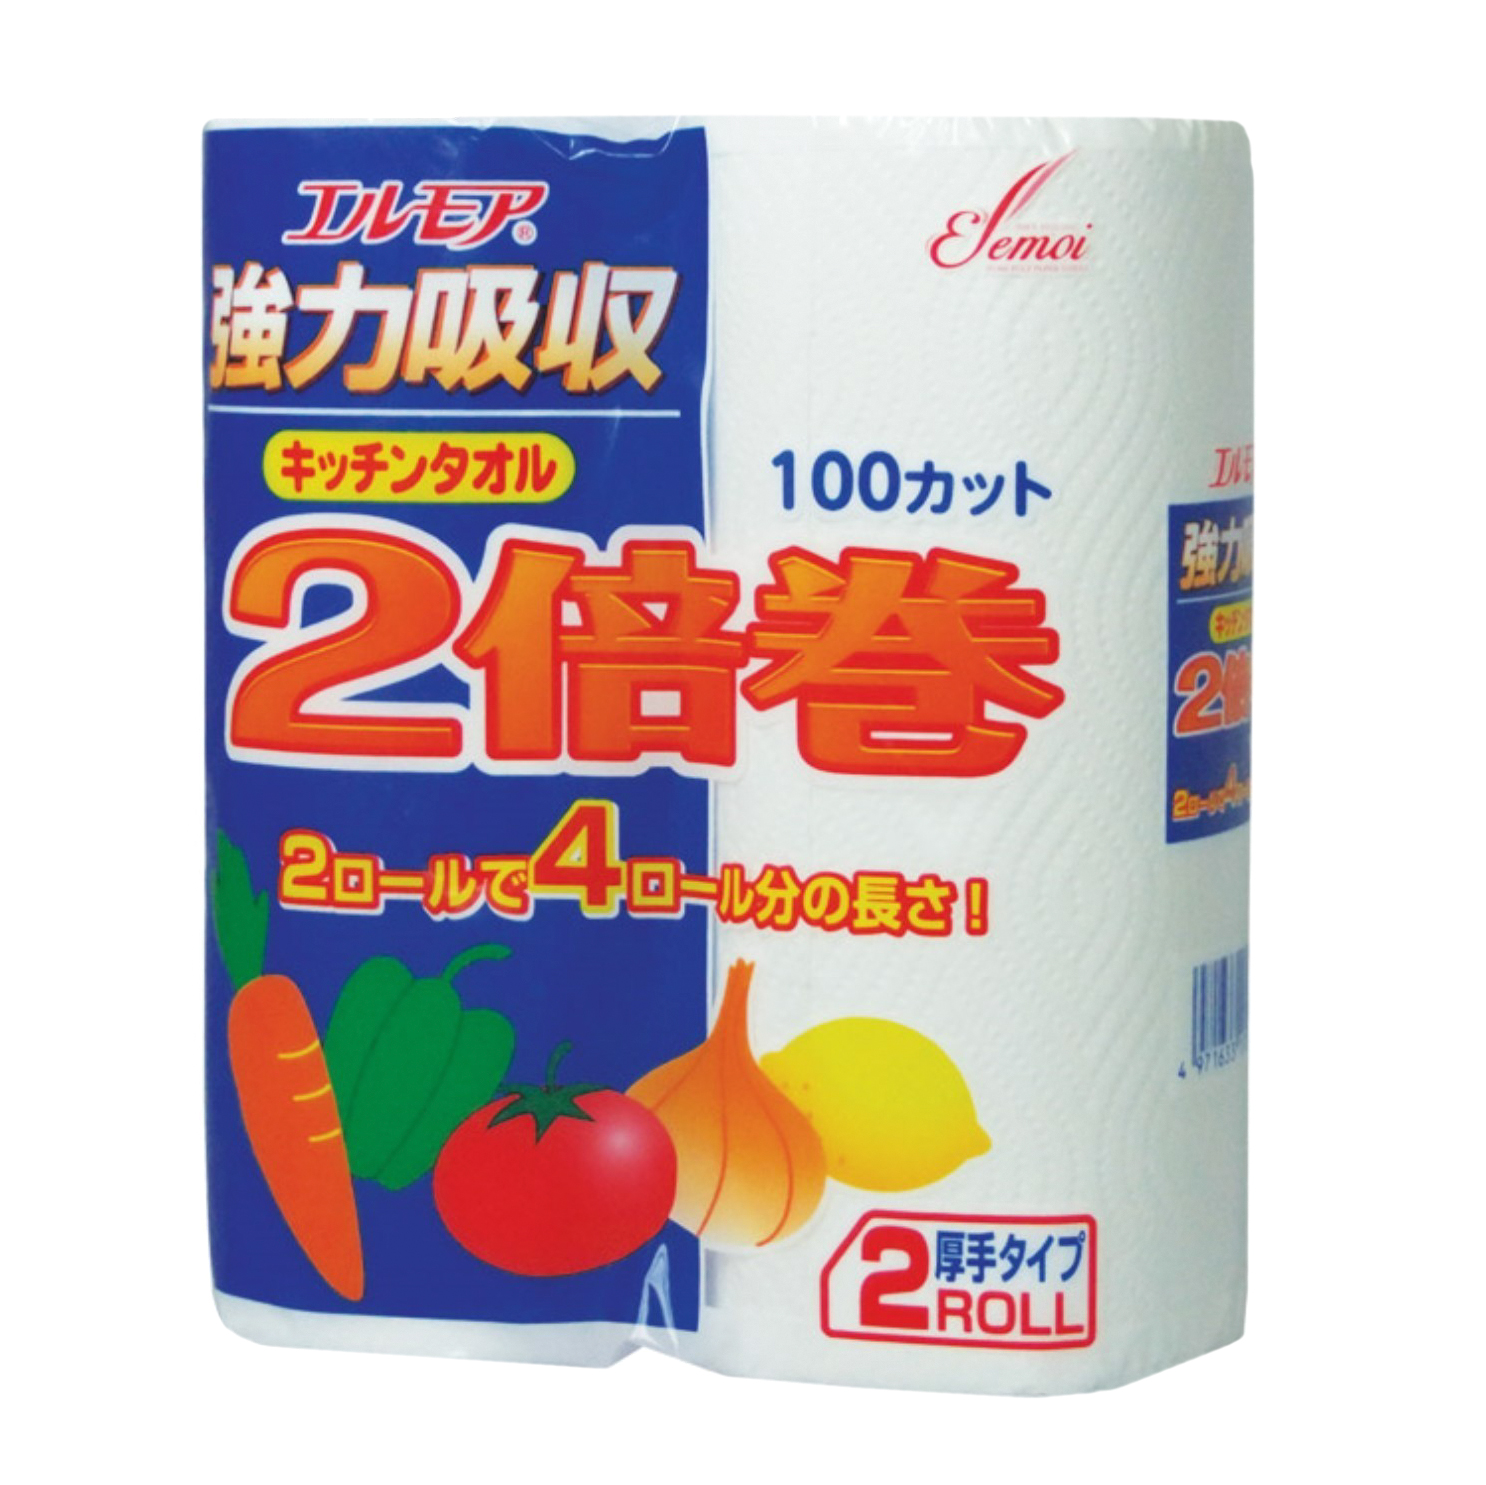 Бумажные полотенца для кухни Kami Shodji Ellemoi 2 рулона салфетки бумажные kami shodji ellemoi pink розовые с коэнзимом q10 я слоя 180 шт в пачке спайка из 3 пачек